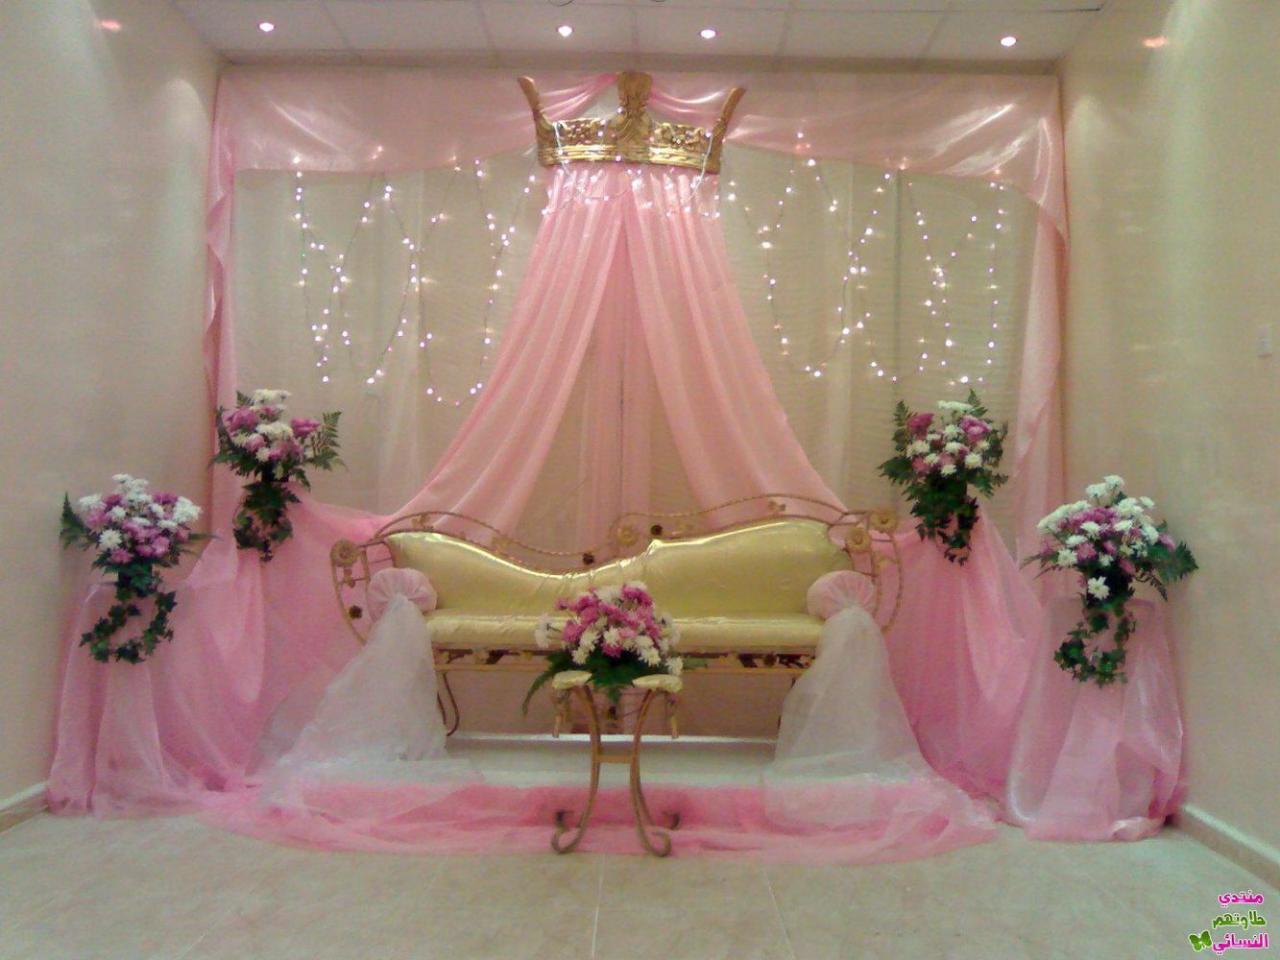 صورة كوشات اعراس , صور كوشات اعراص مودرن وروعة 3361 3